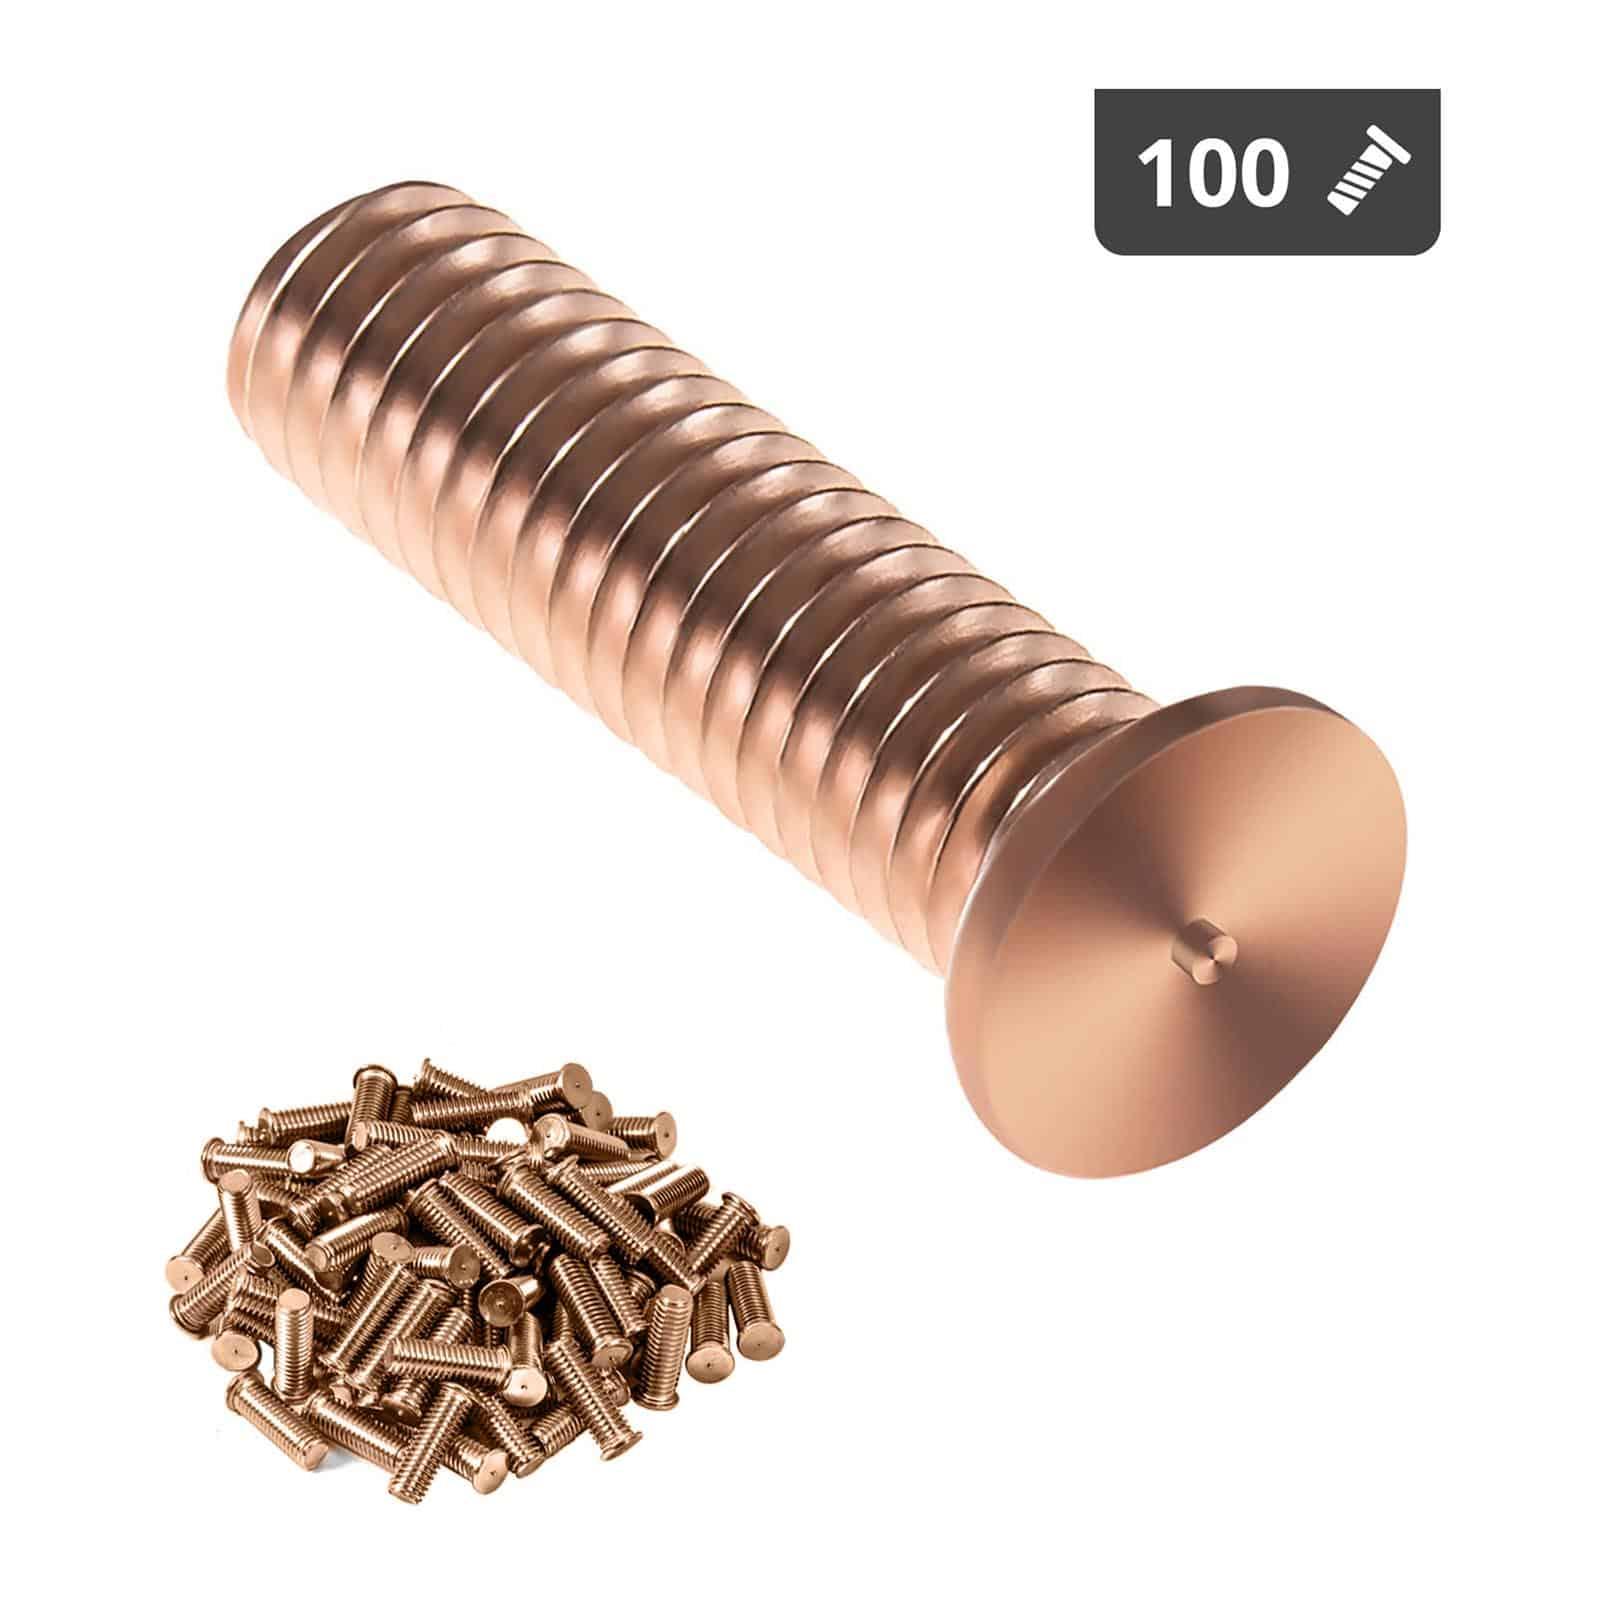 Kołki do zgrzewania - M3 - 12 mm - 100 sztuk